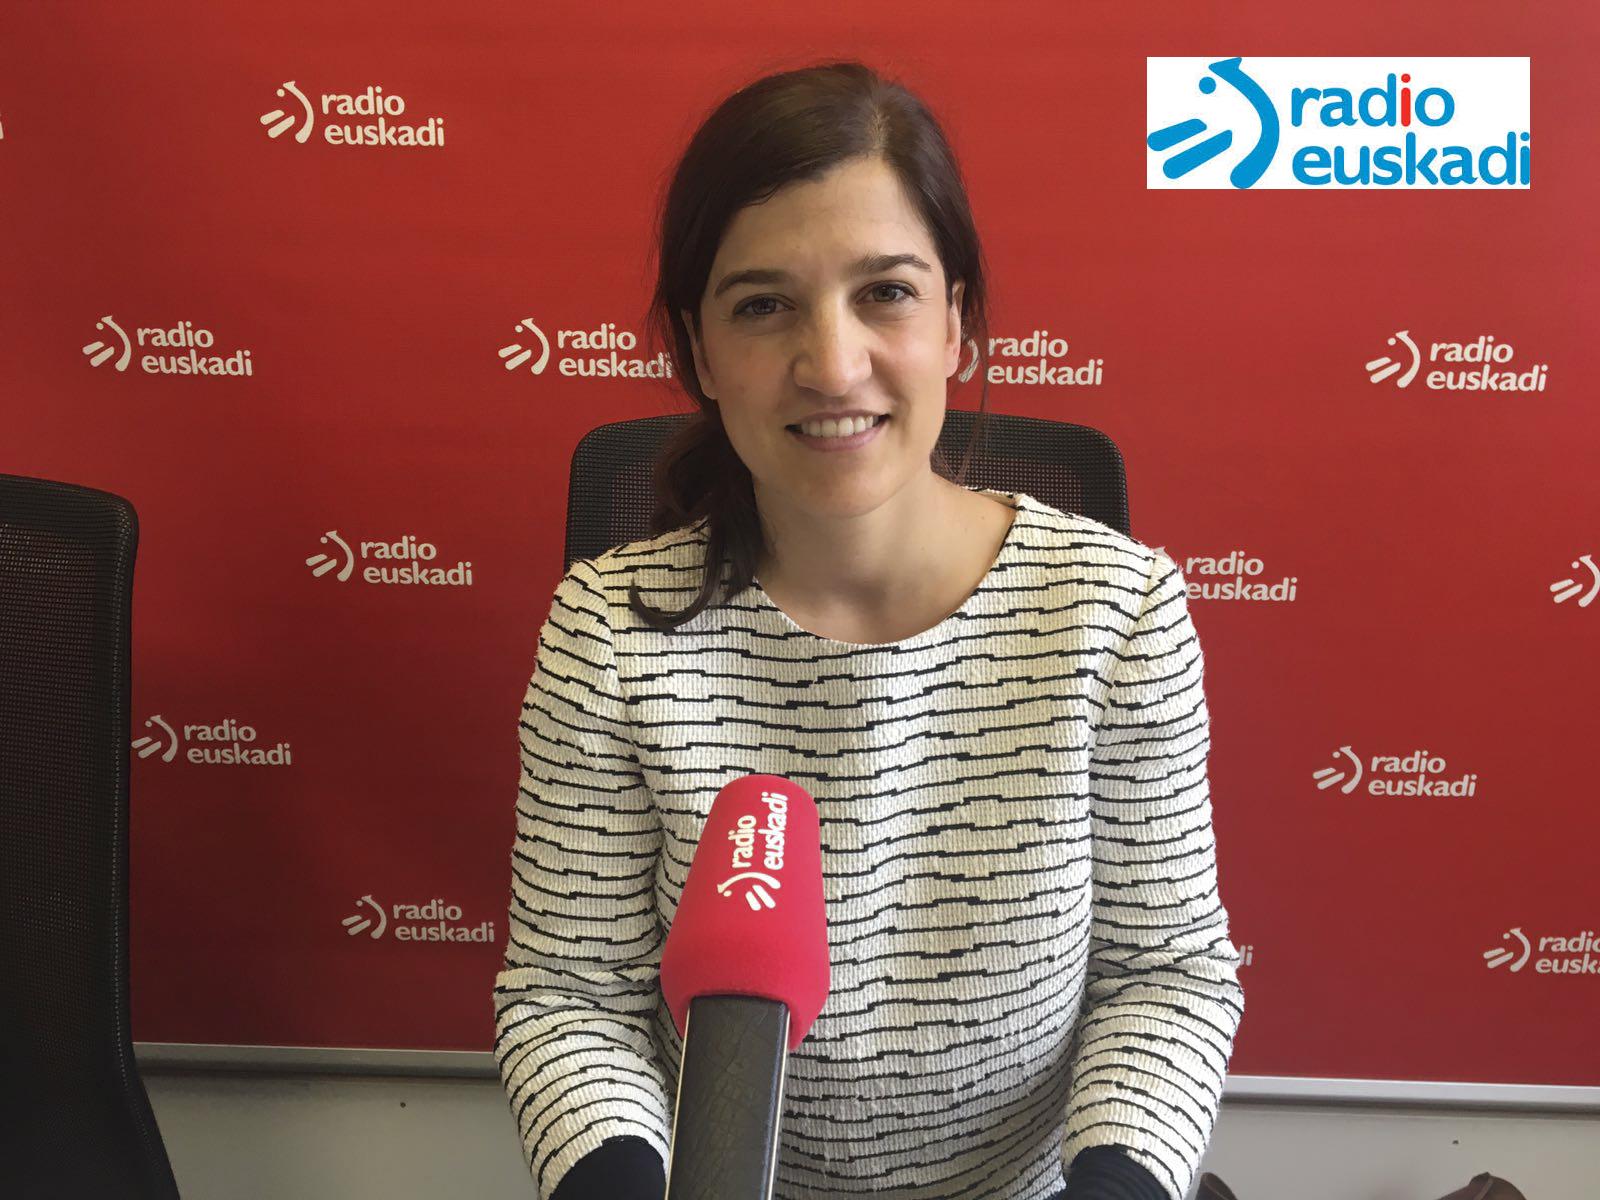 foto noticia: Entrevista a Marta Epelde, Responsable del Departamento de Eficiencia y Sostenibilidad Kursaal Green en Radio Euskadi